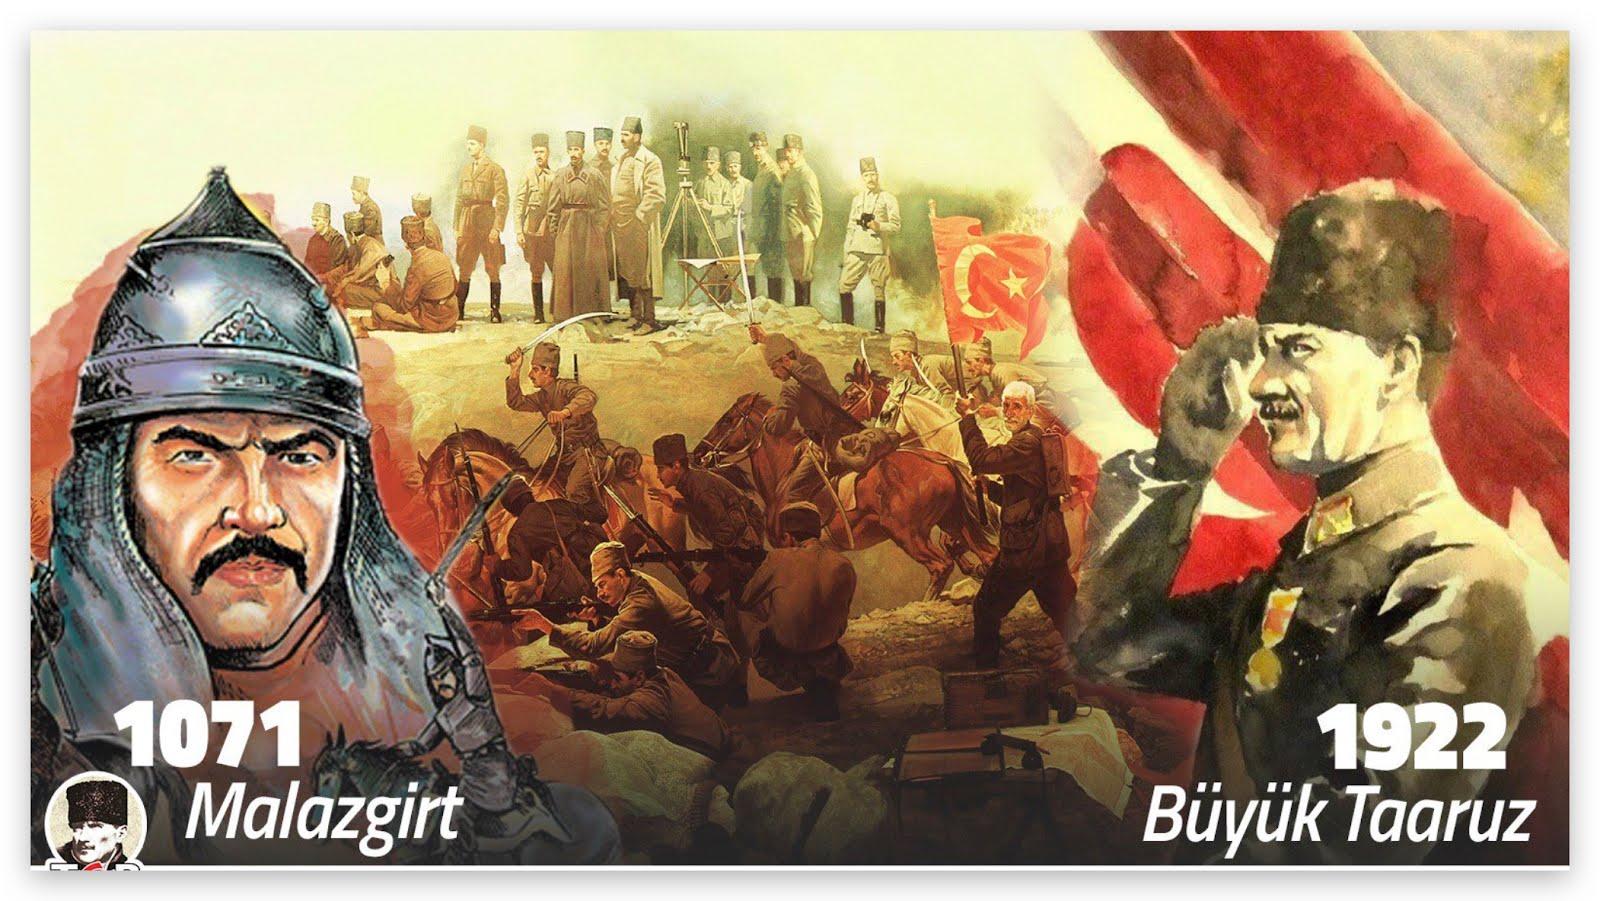 🇹🇷 Türk Dili, Tarihi ve Kültürü 🇹🇷: 🇹🇷 ⚔️ Malazgirt Zaferi (1071) ve 🇹🇷⚔️Büyük Taarruz (1922) 🧿🧿🧿